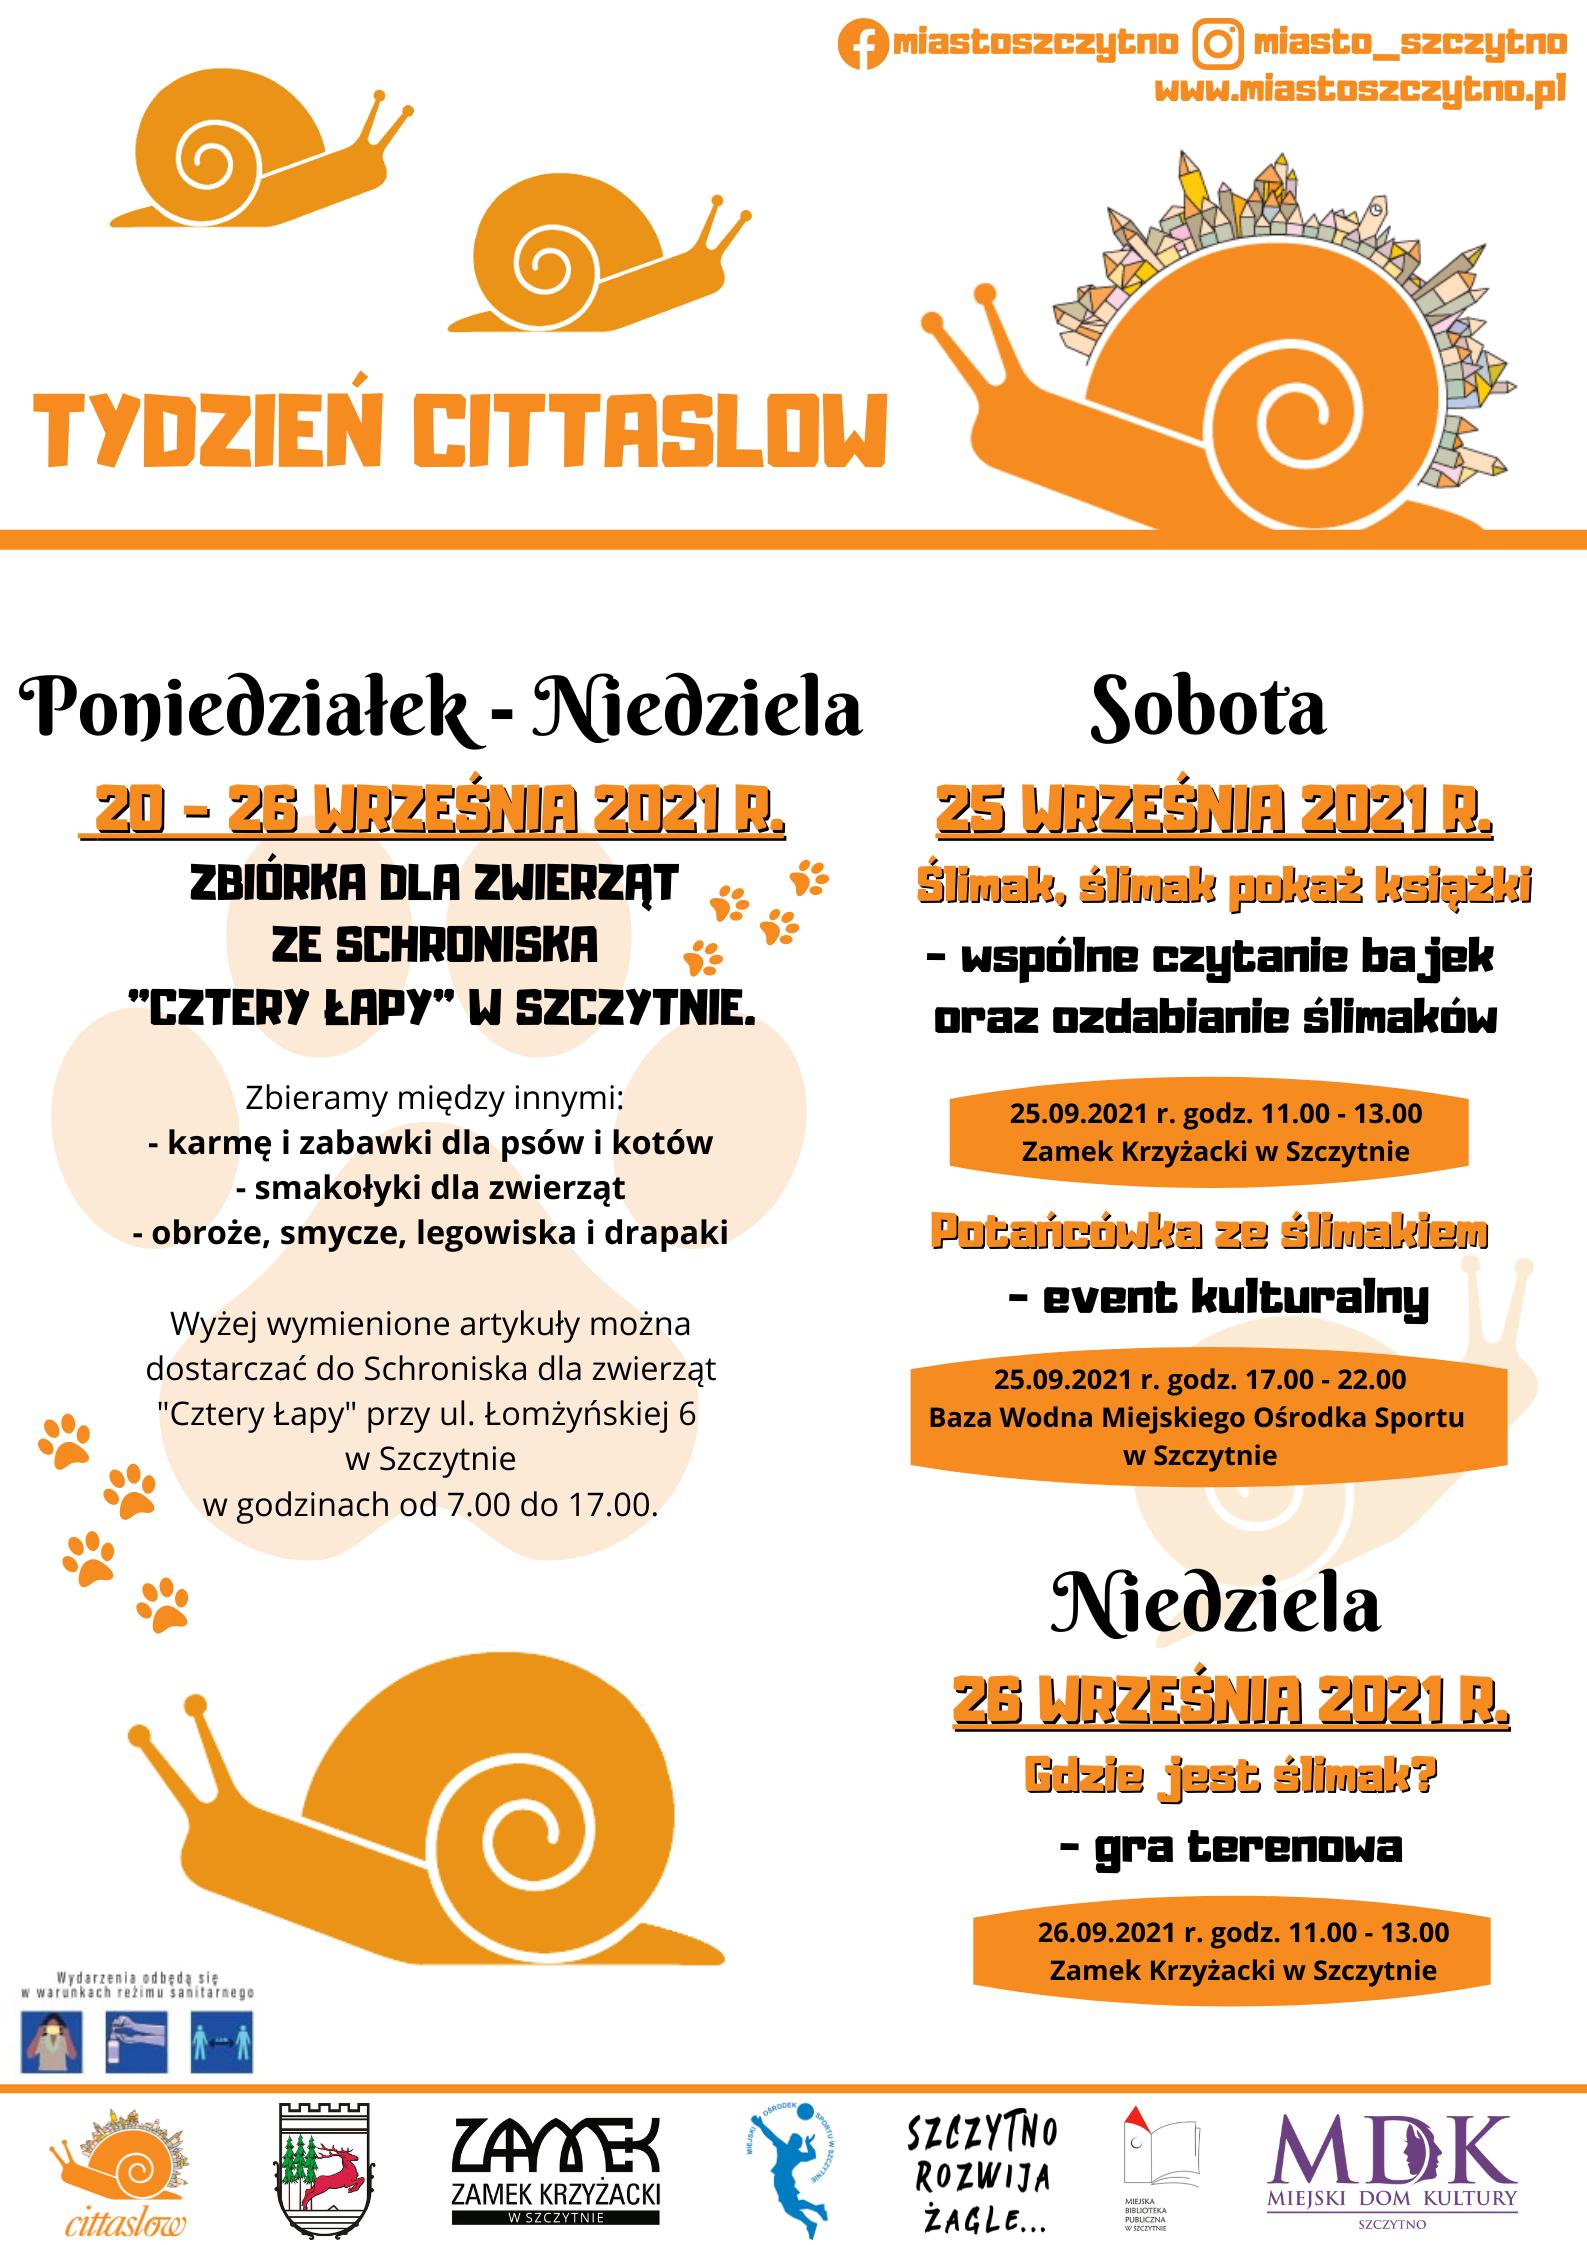 https://m.powiatszczycienski.pl/2021/09/orig/tydzien-cittaslow-dobre-43164.png